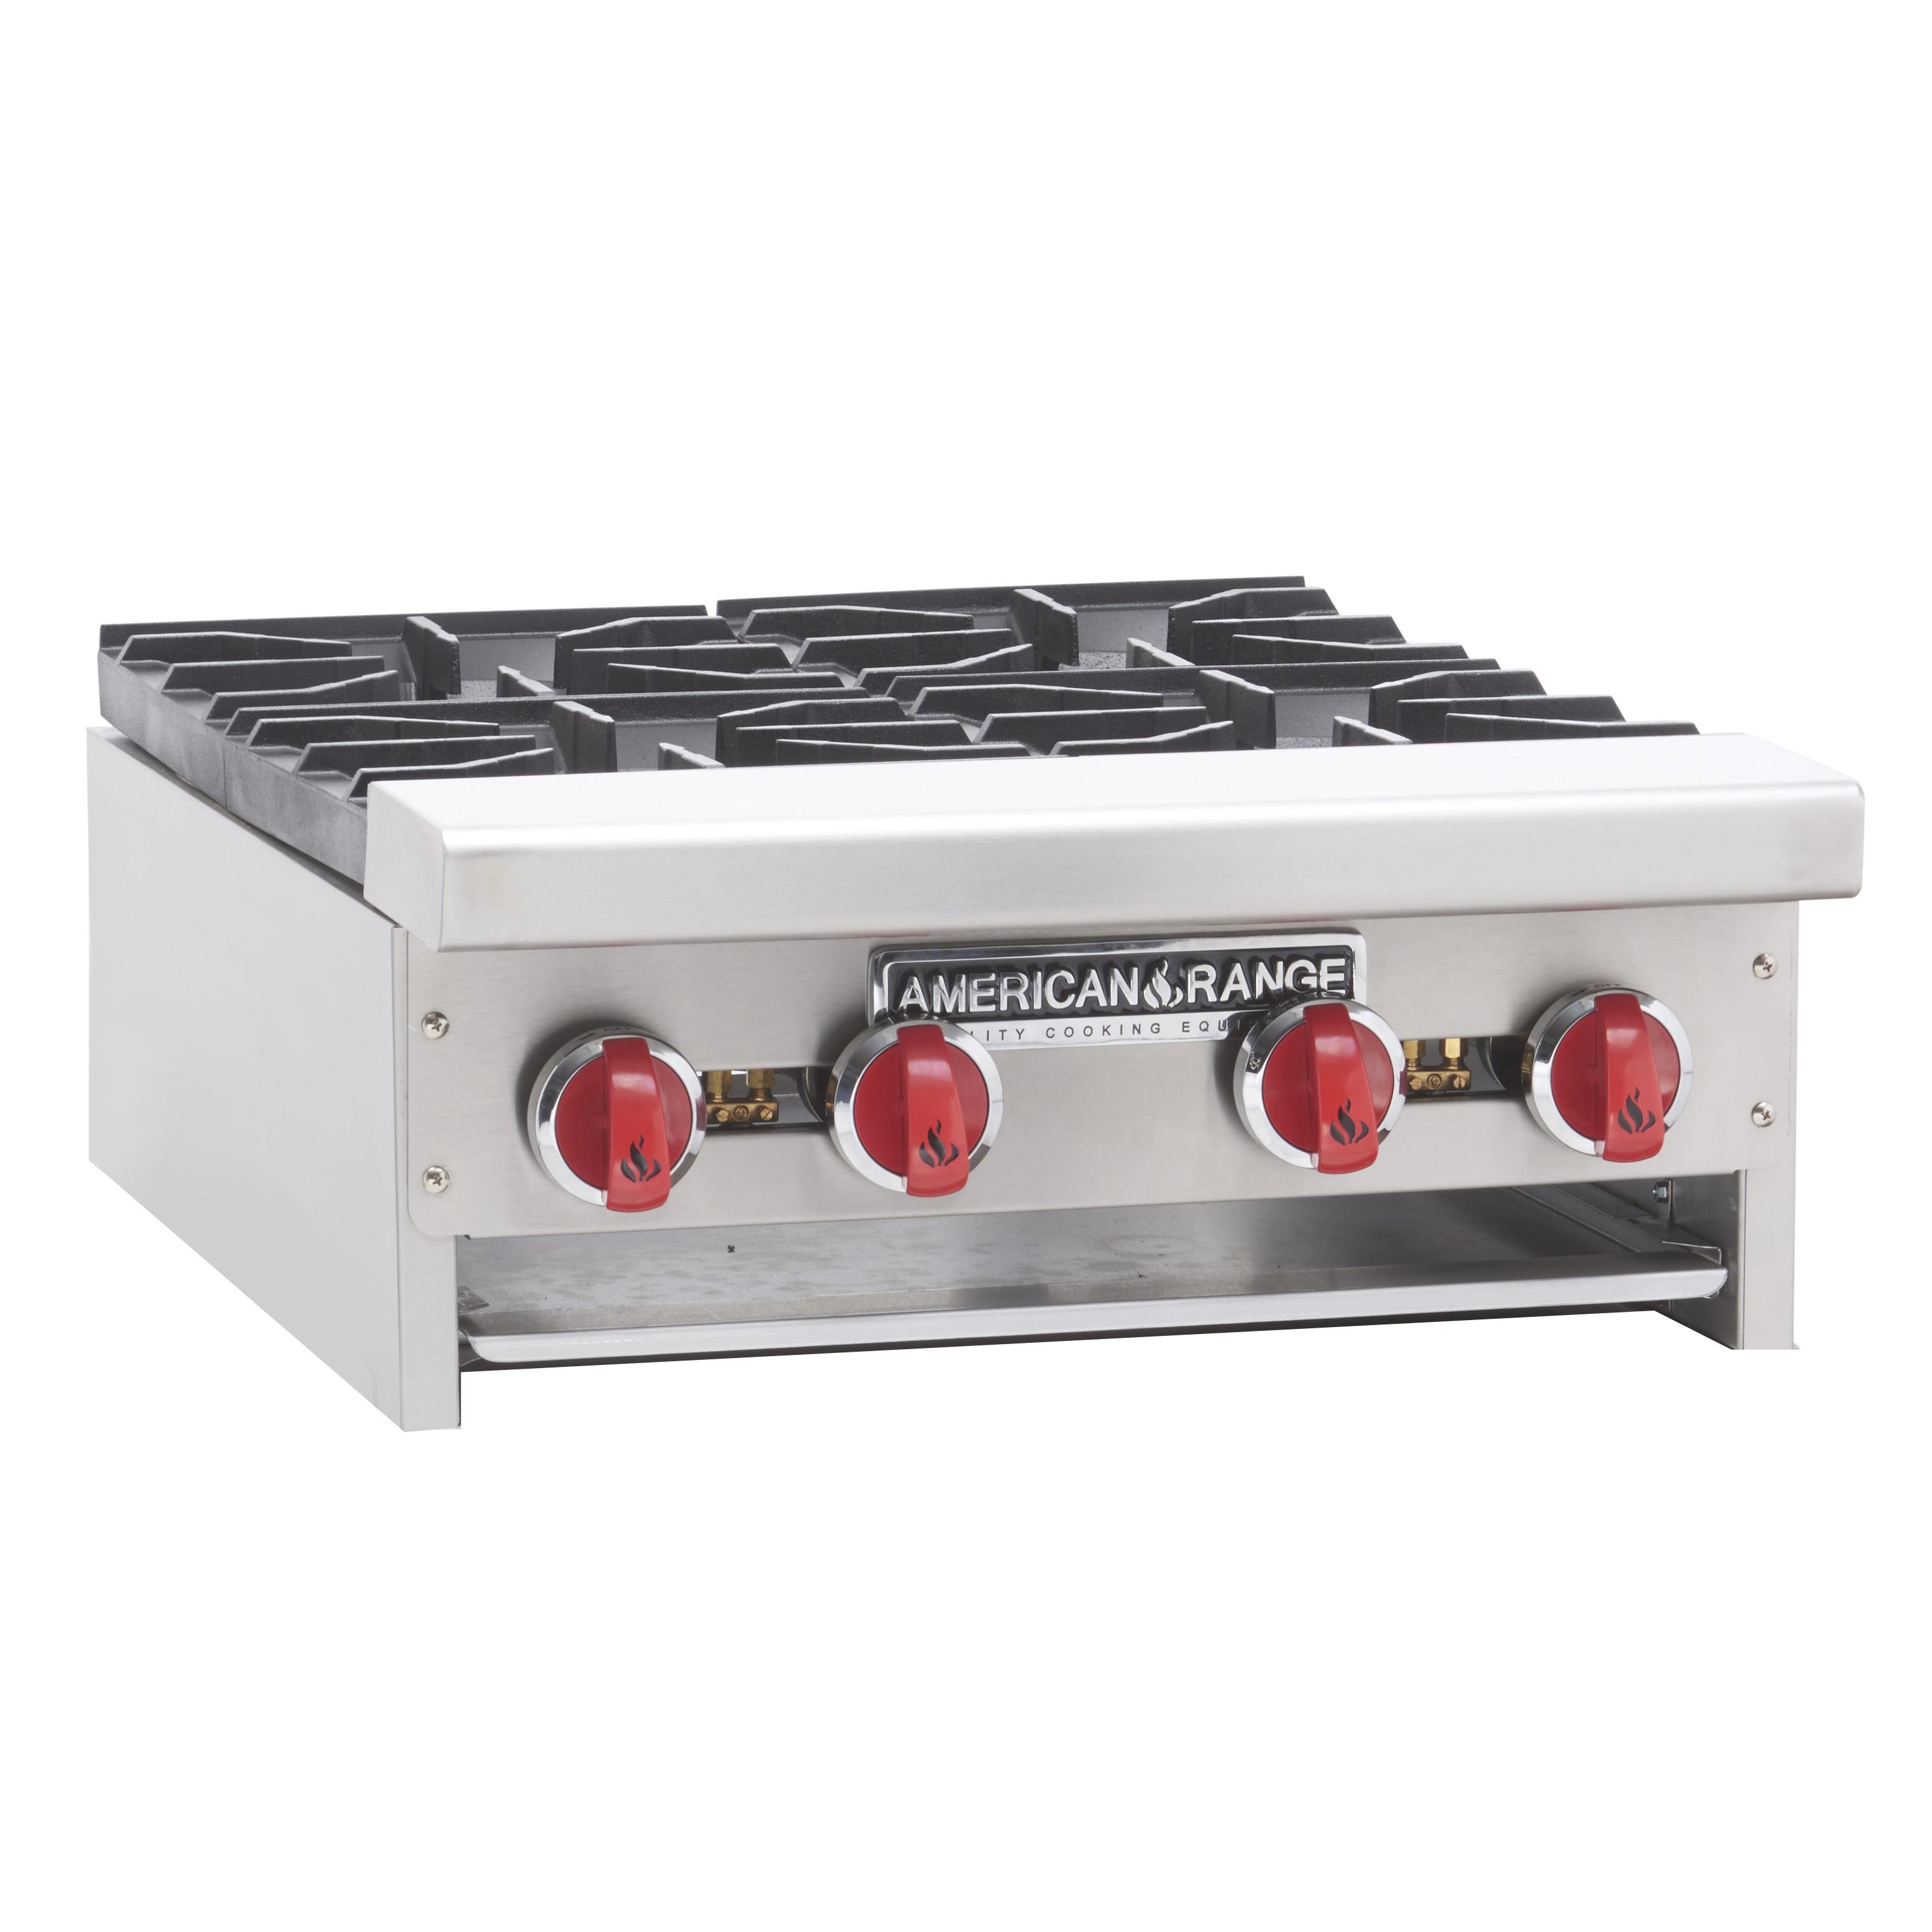 American Range ARHP-36-5 hotplate, countertop, gas